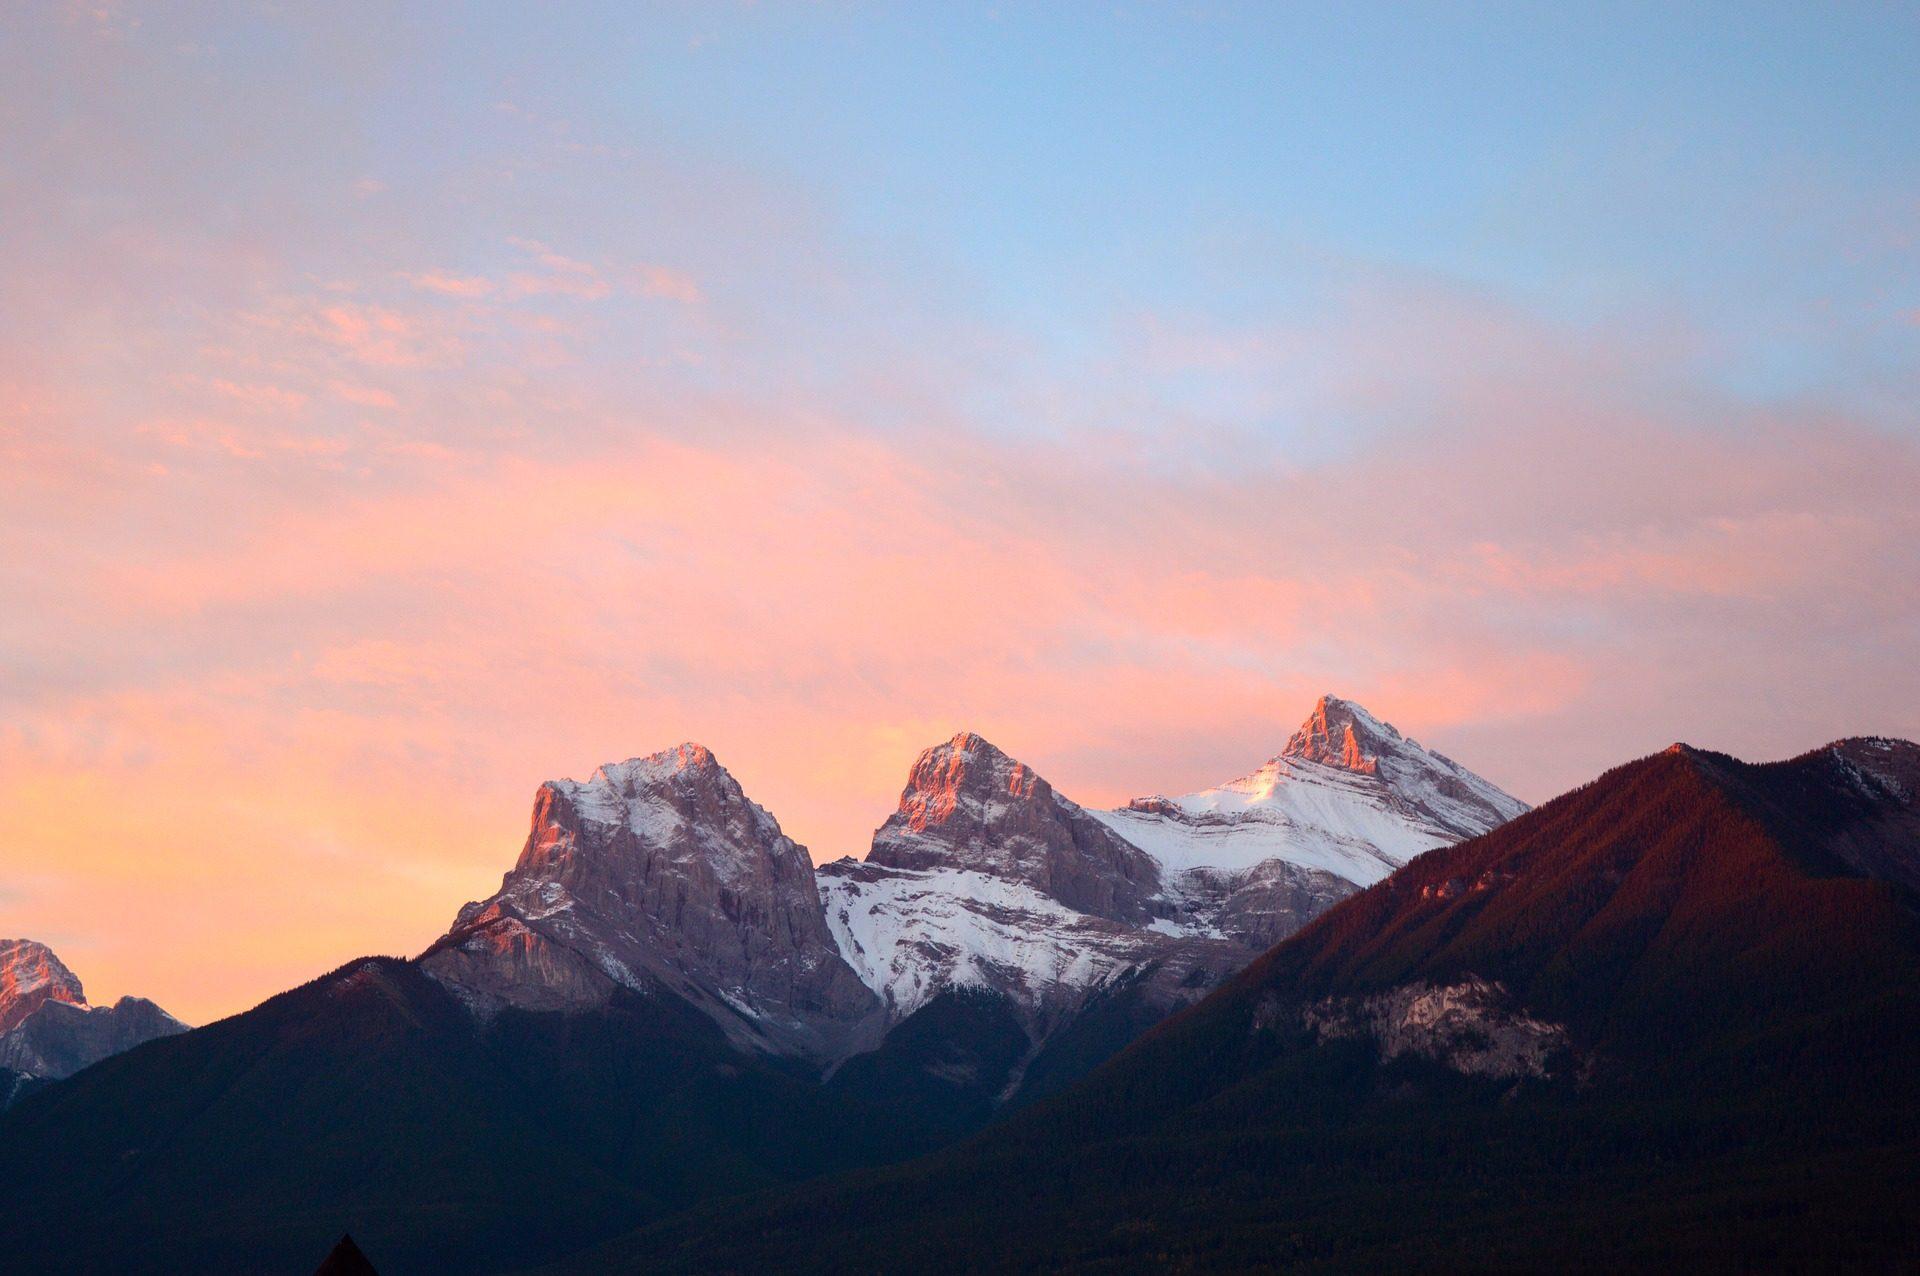 небо и горы картинки